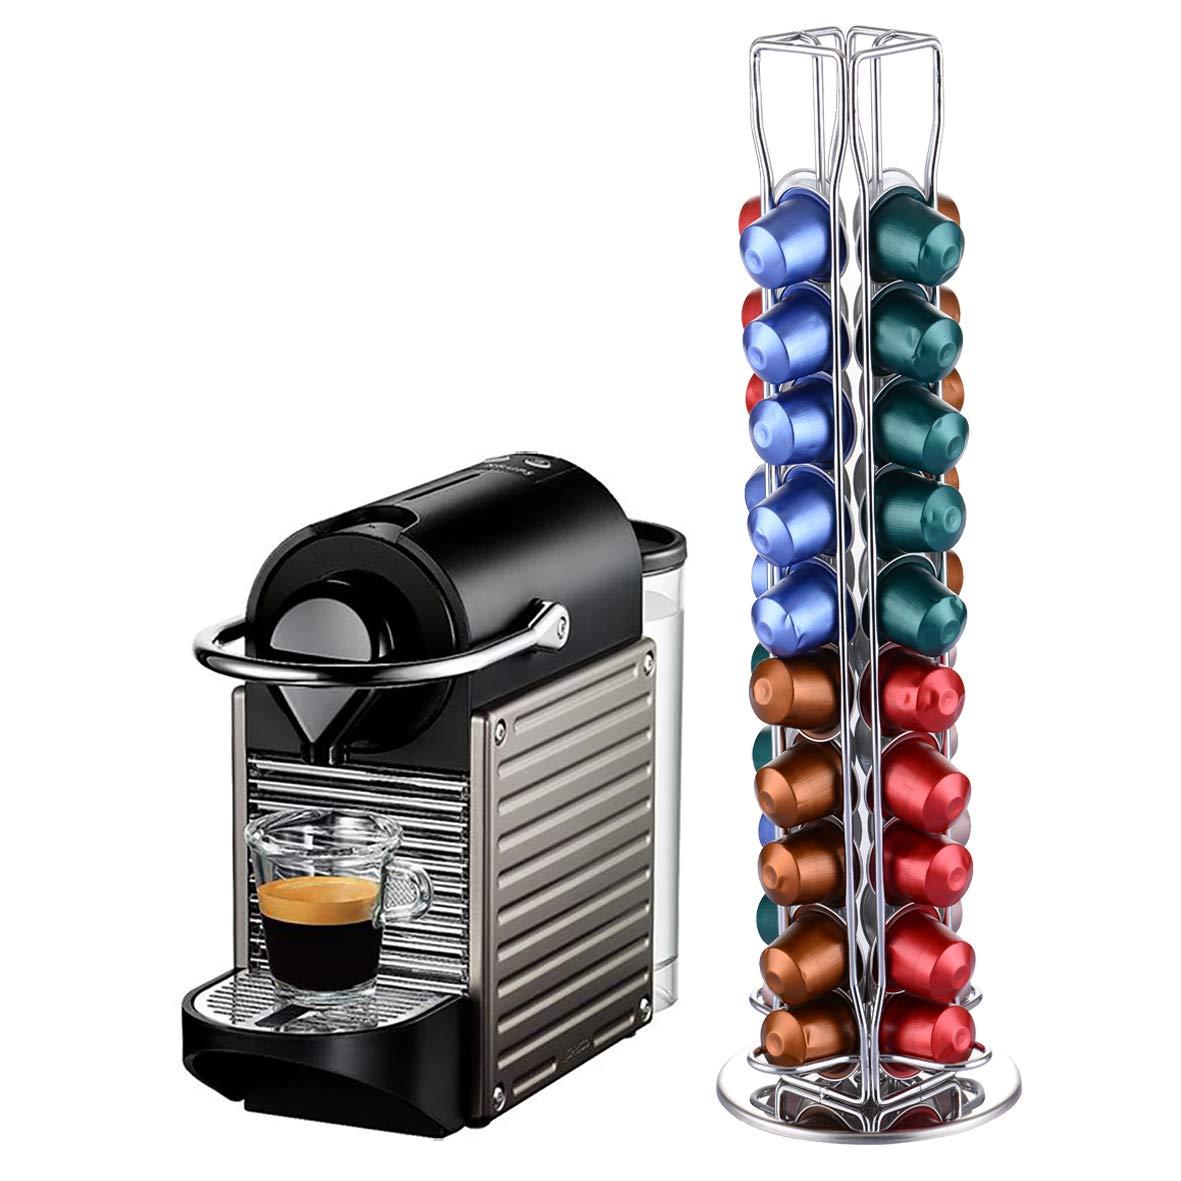 YGJT Dispensador Capsulas Nespresso-40/60 Piezas Café 360 Grados Giratorio Cápsulas-Cromo Plateado Elegante con Acero Inoxidable (60): Amazon.es: Hogar